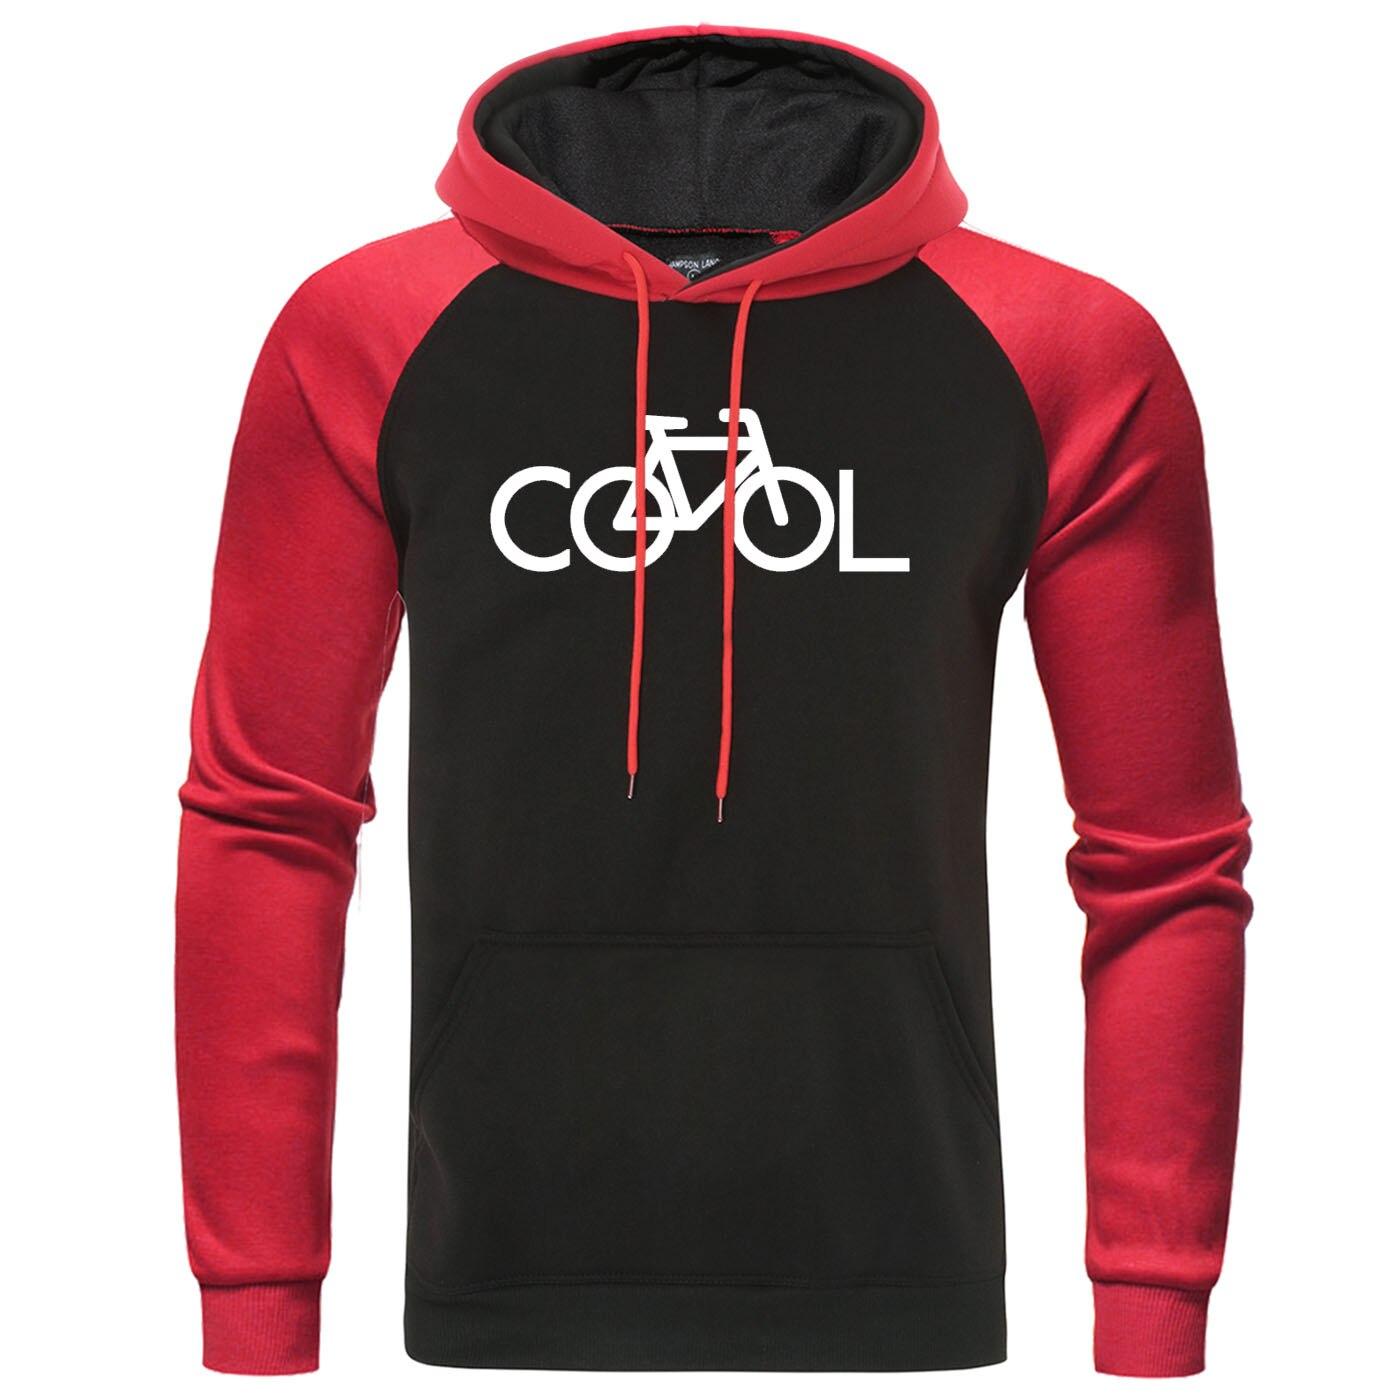 Bike It's Cool Raglan Hoodies Men 2019 Autumn Winter Hoodie Sweatshirt Man Leisure Warm Streetwear Mens Hoody Brand Pullover